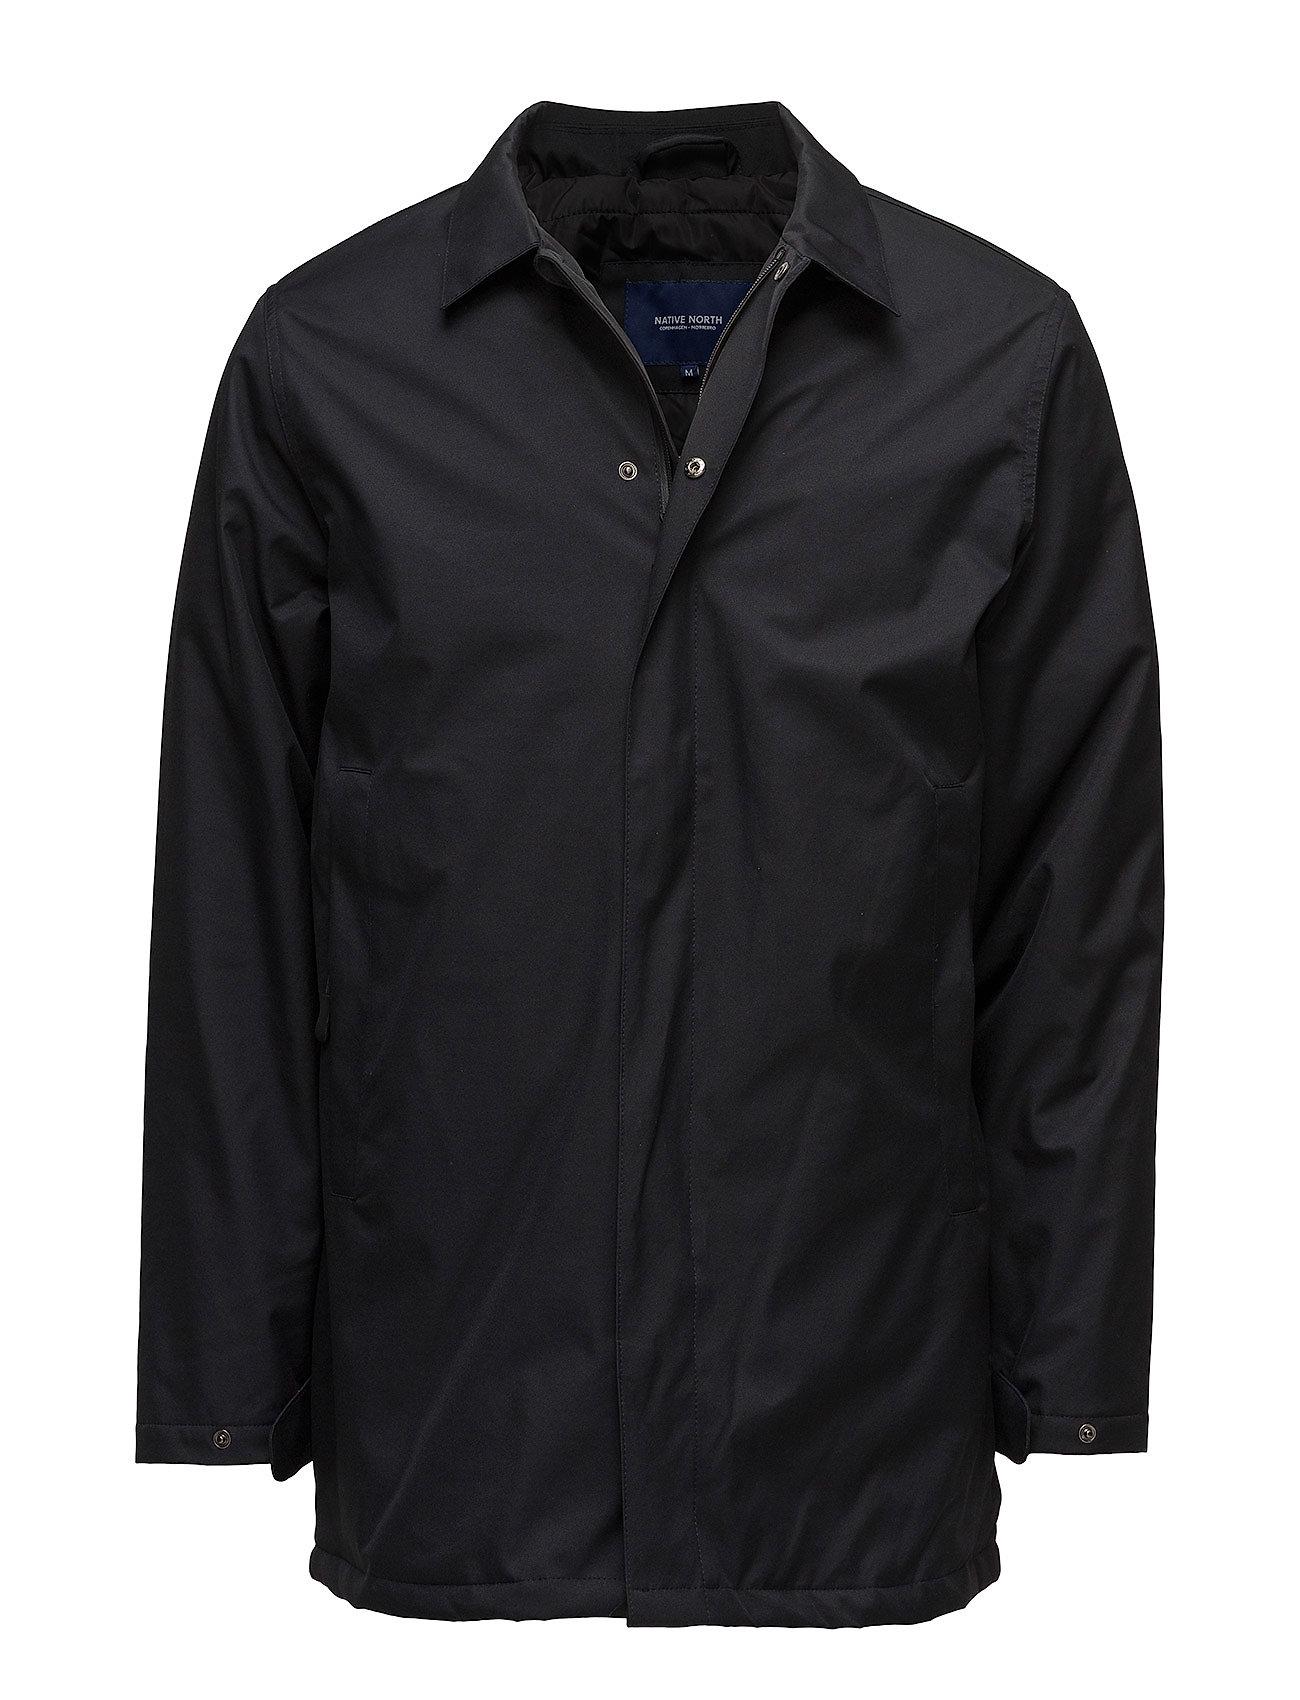 native north Storm trench coat på boozt.com dk